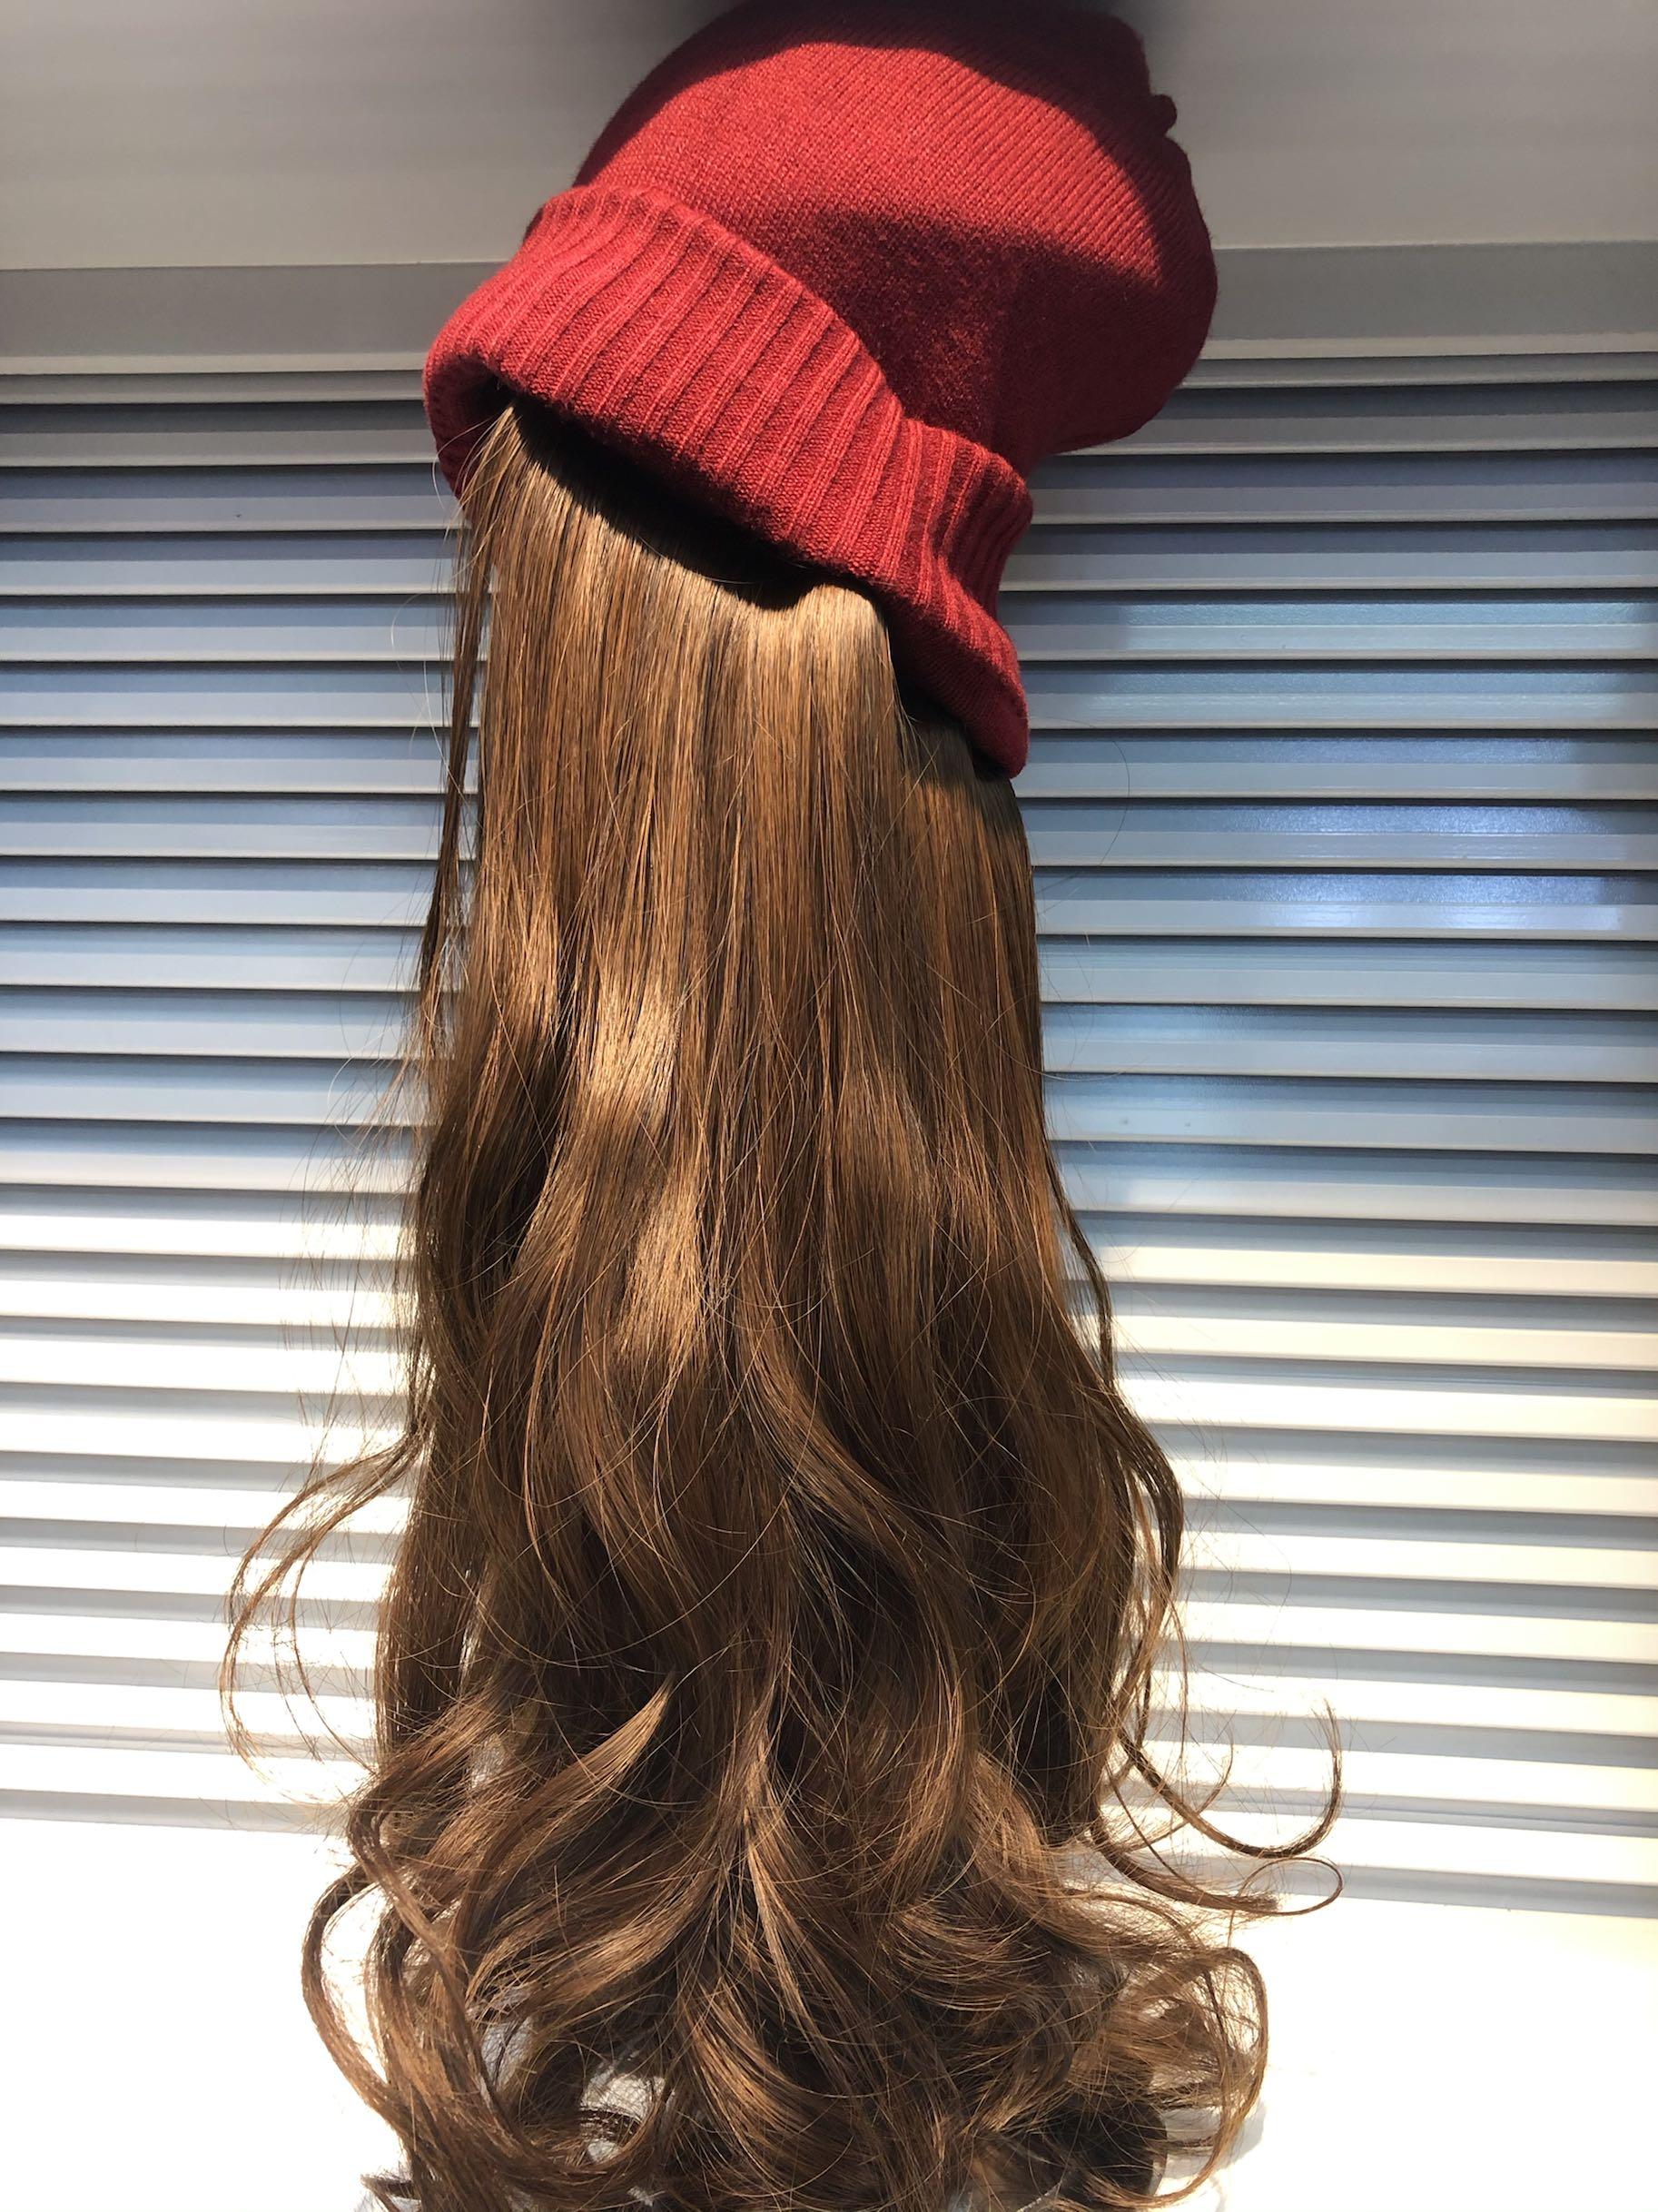 毛线帽子带假发一体可拆卸女秋冬天款长发水波纹网红时尚长卷发